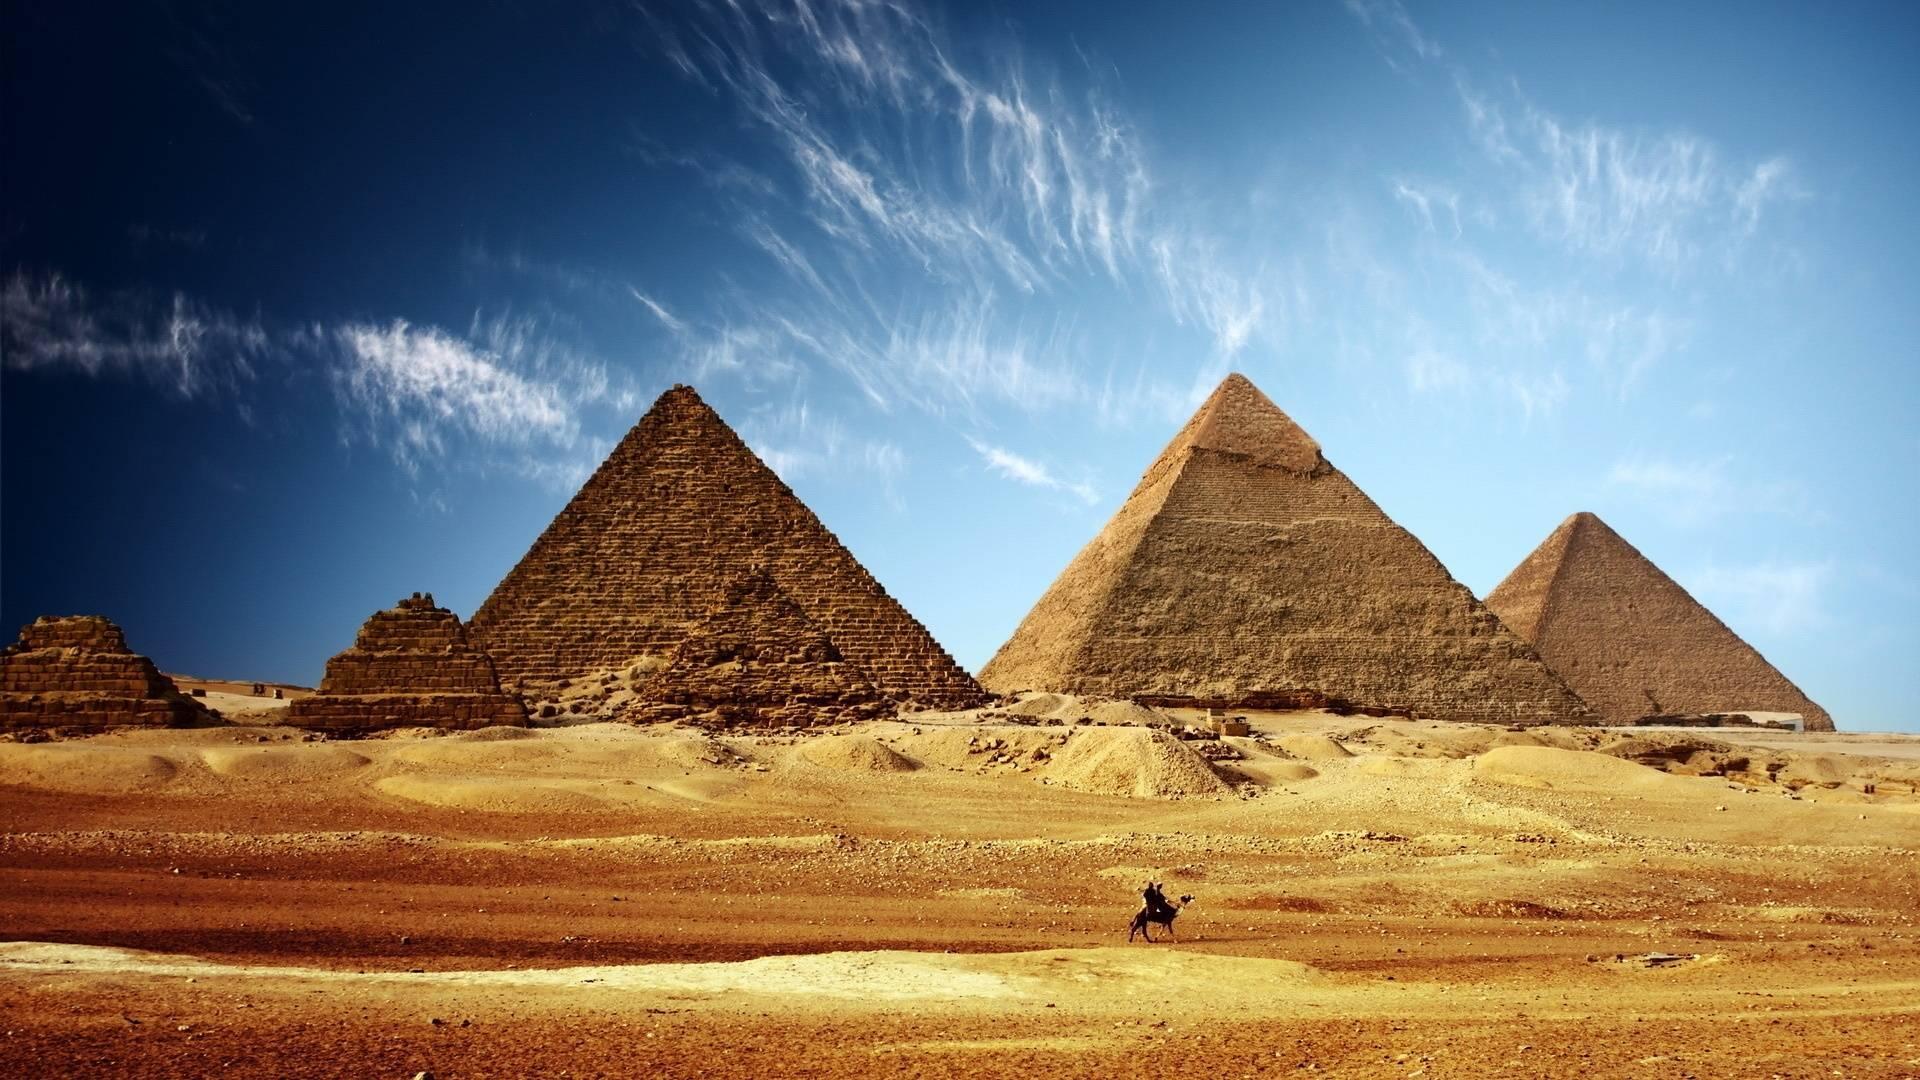 صورة اسماء اهرامات مصر , بدون فتى المعنى الحقيقي لاهرامات مصر